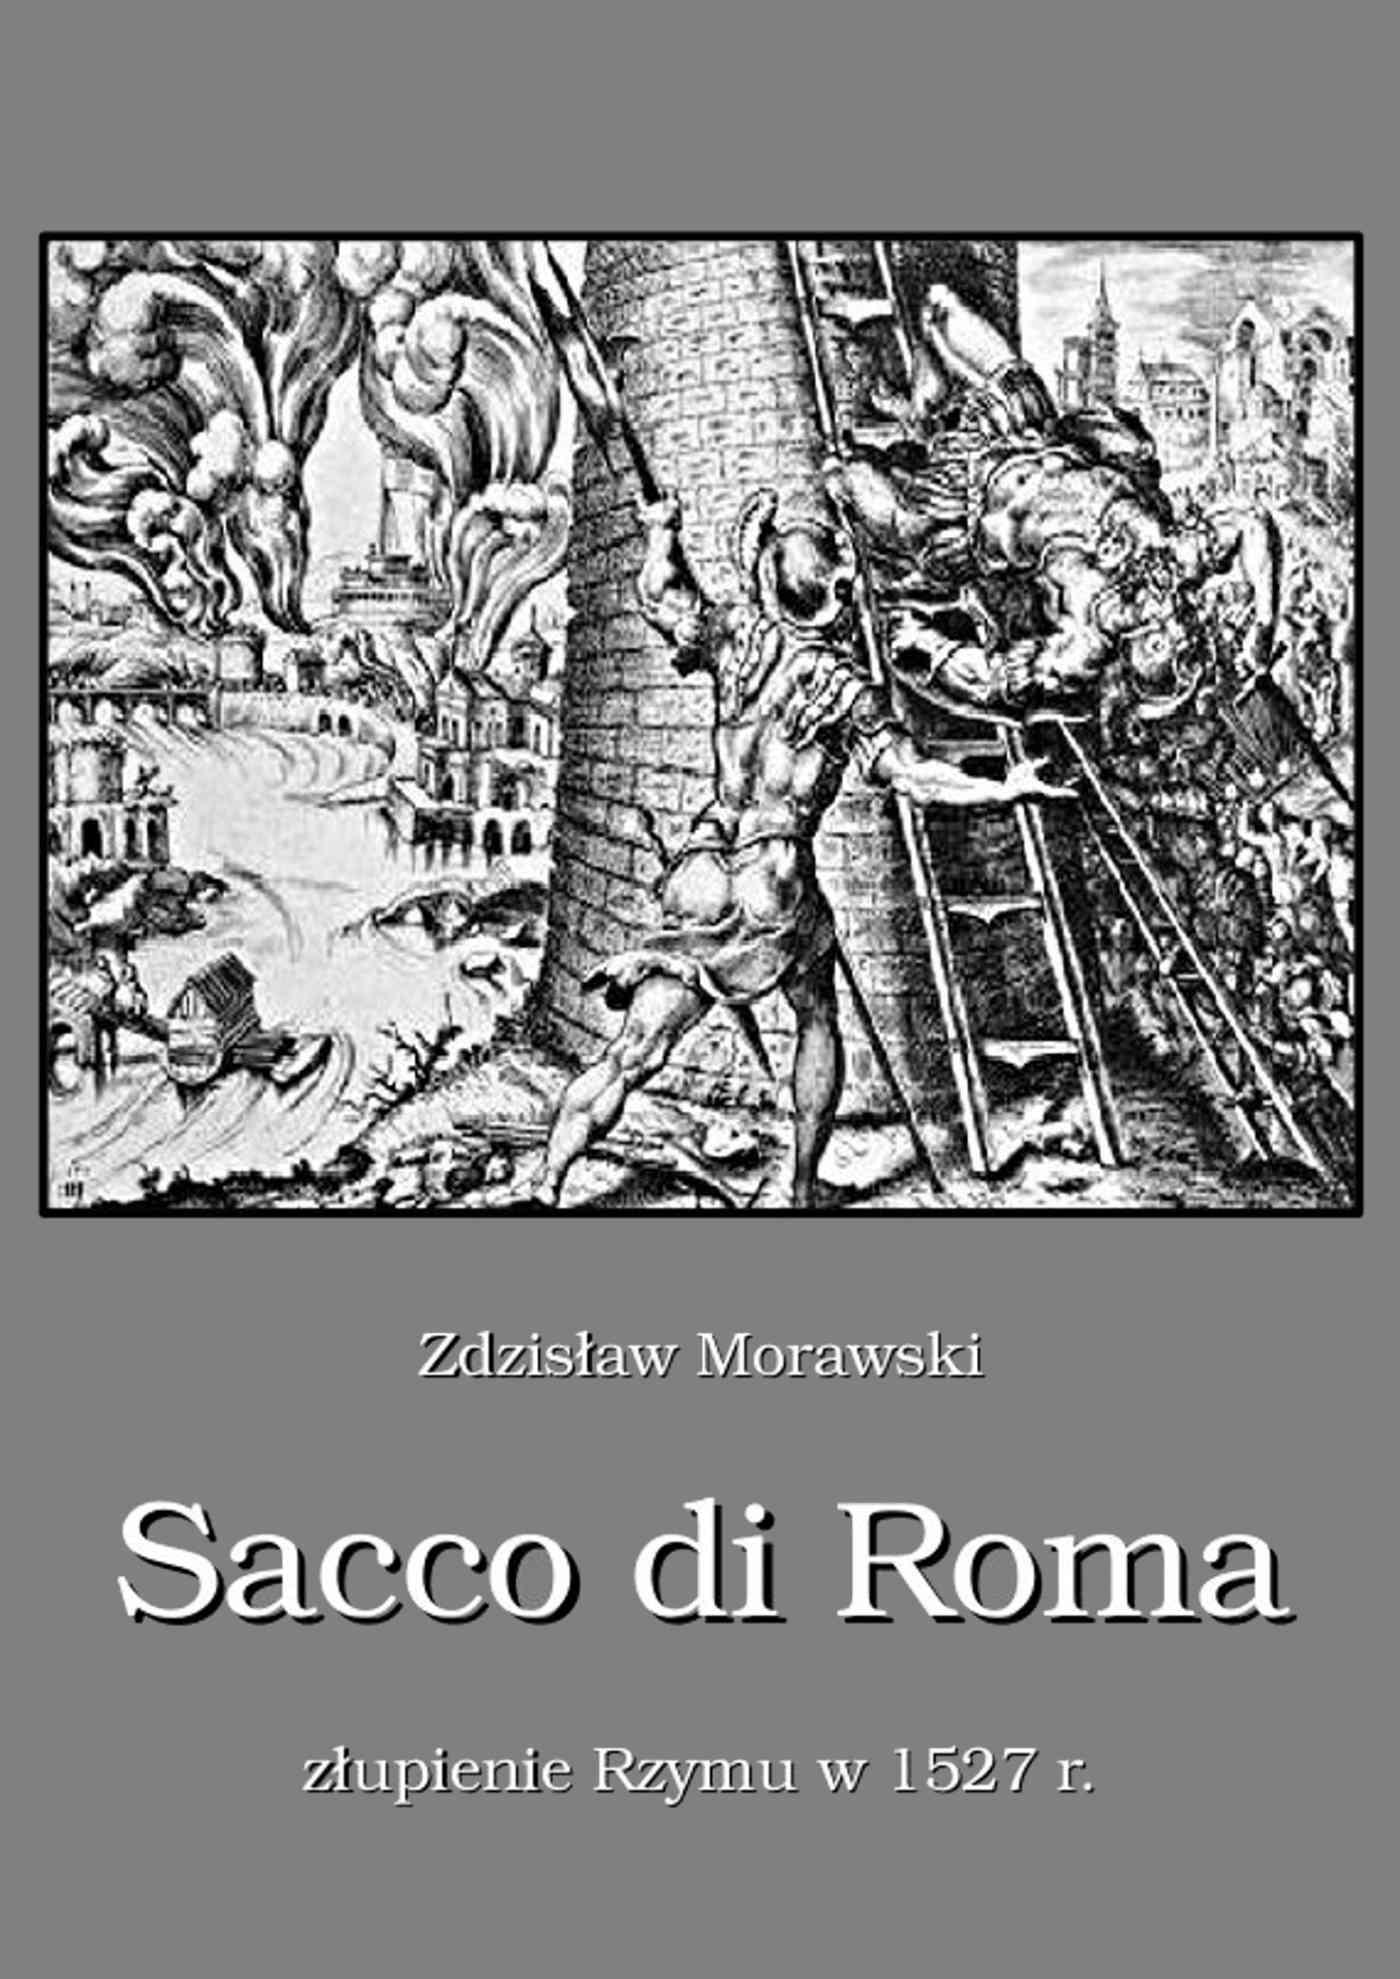 Sacco di Roma. Złupienie Rzymu w 1527 roku - Ebook (Książka EPUB) do pobrania w formacie EPUB